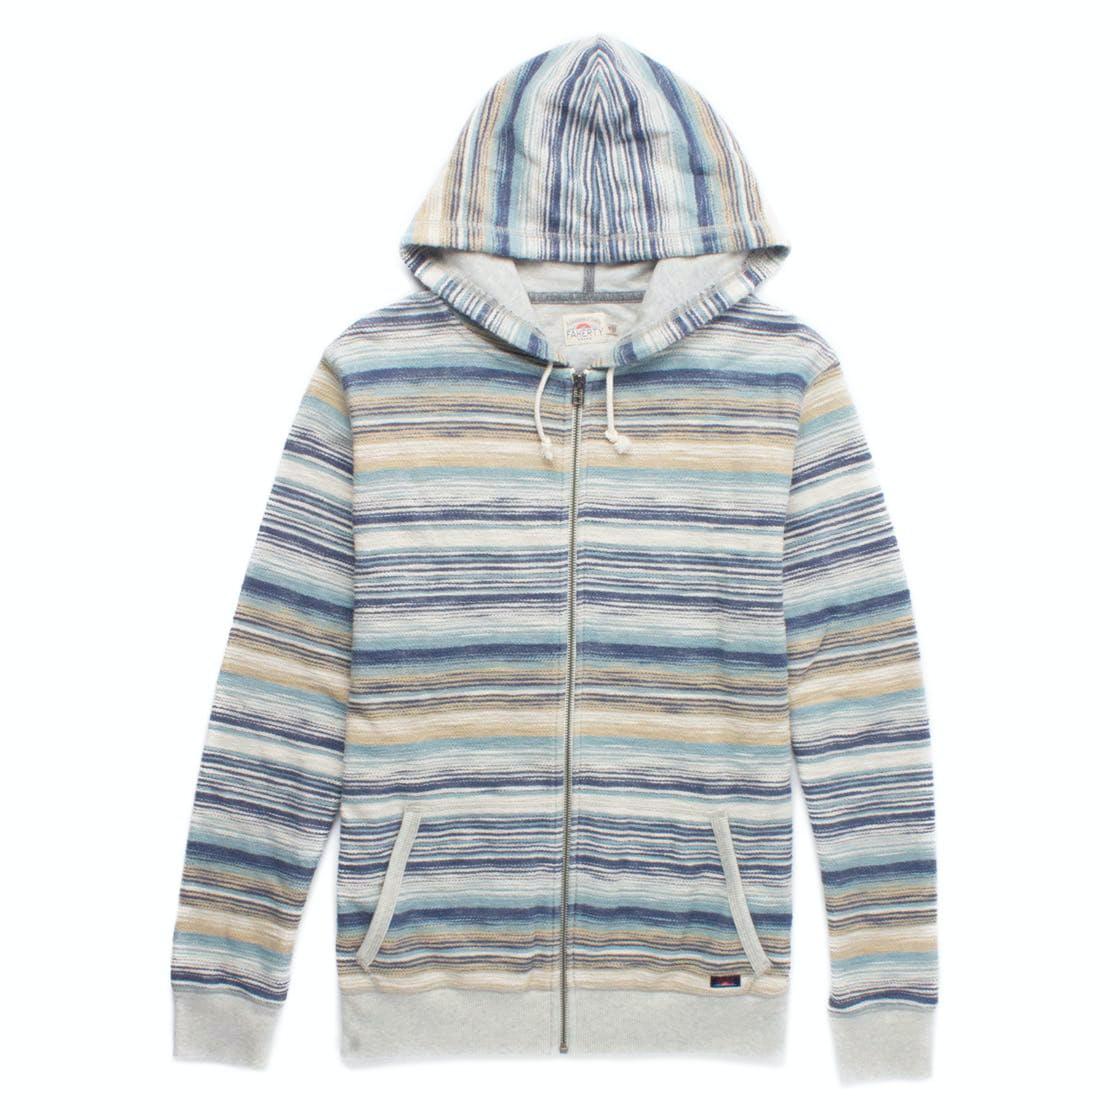 Iptgakjypa faherty brand reversible terry zip hoodie 0 original